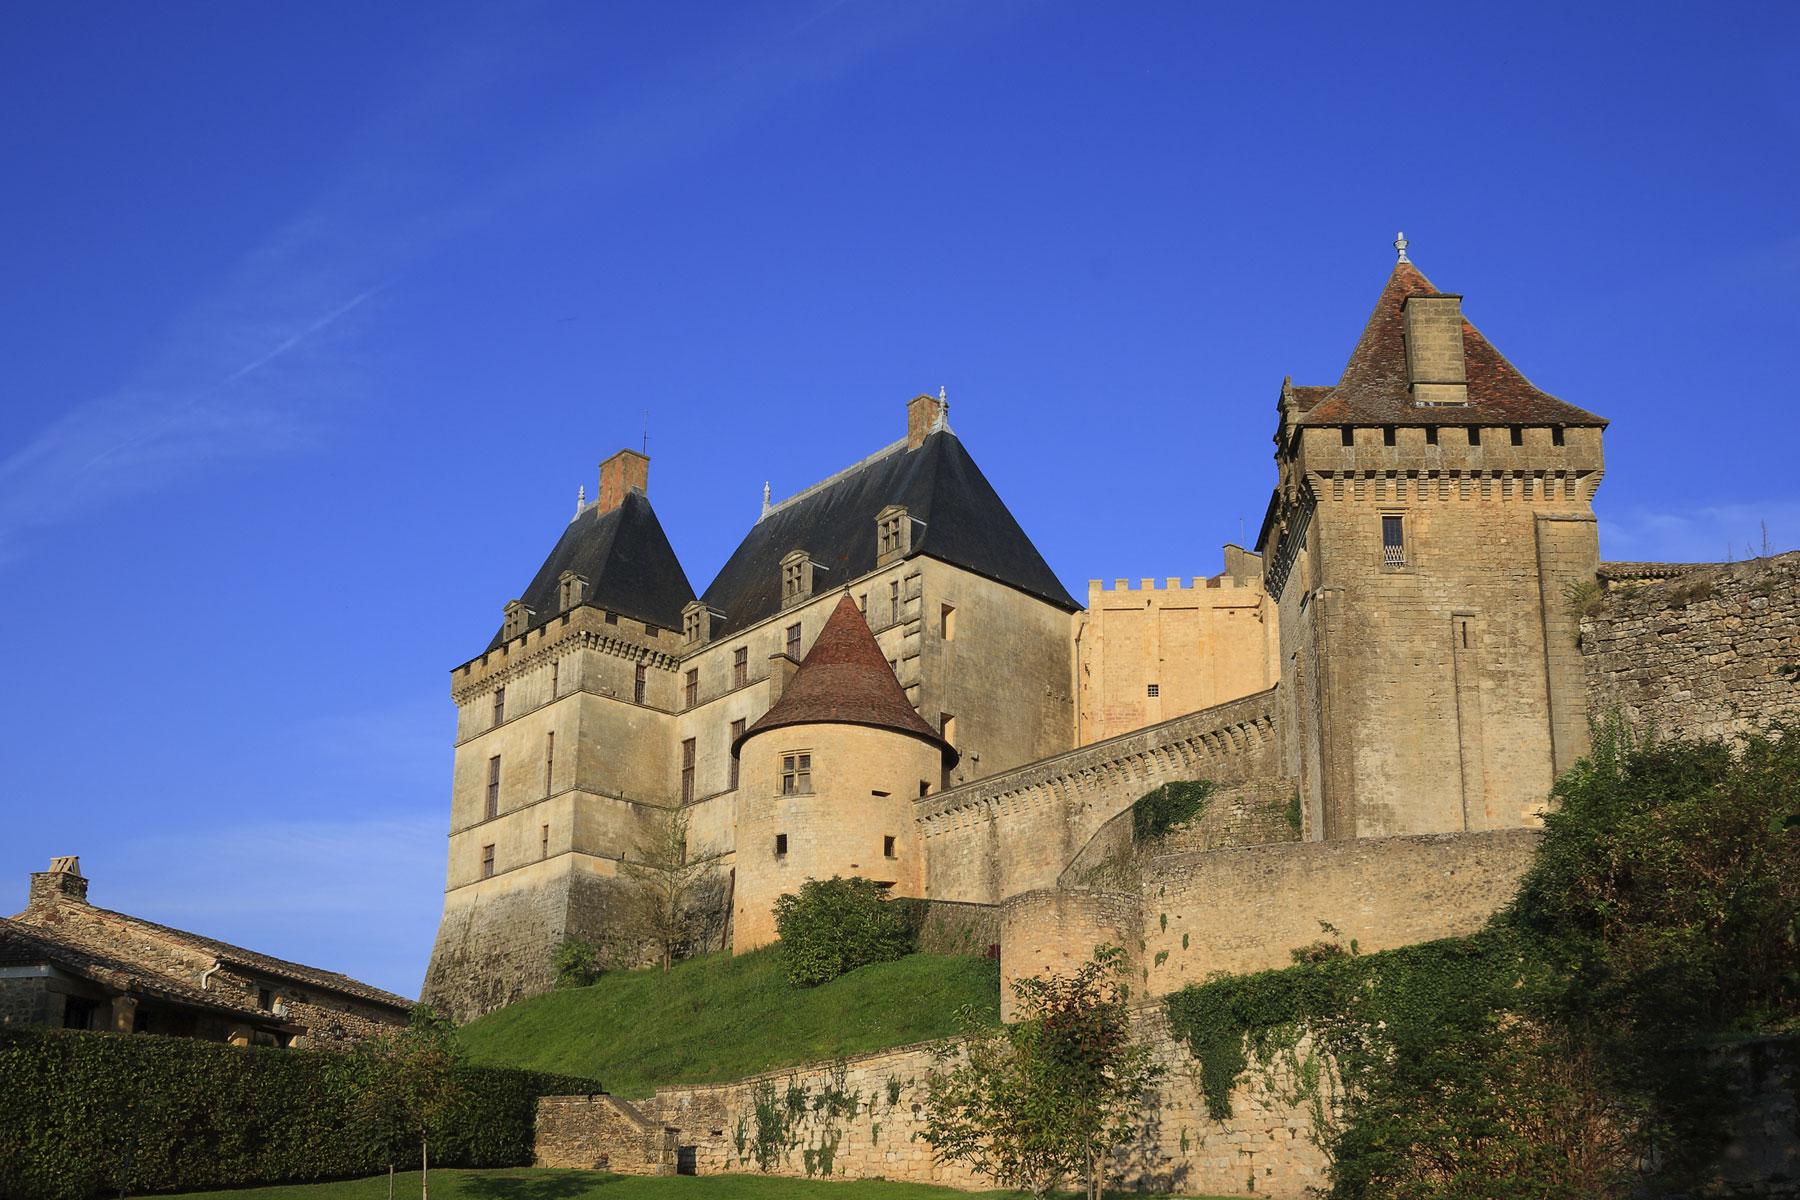 Chateau-Biron-Hotel-Edward1er-Dordogne